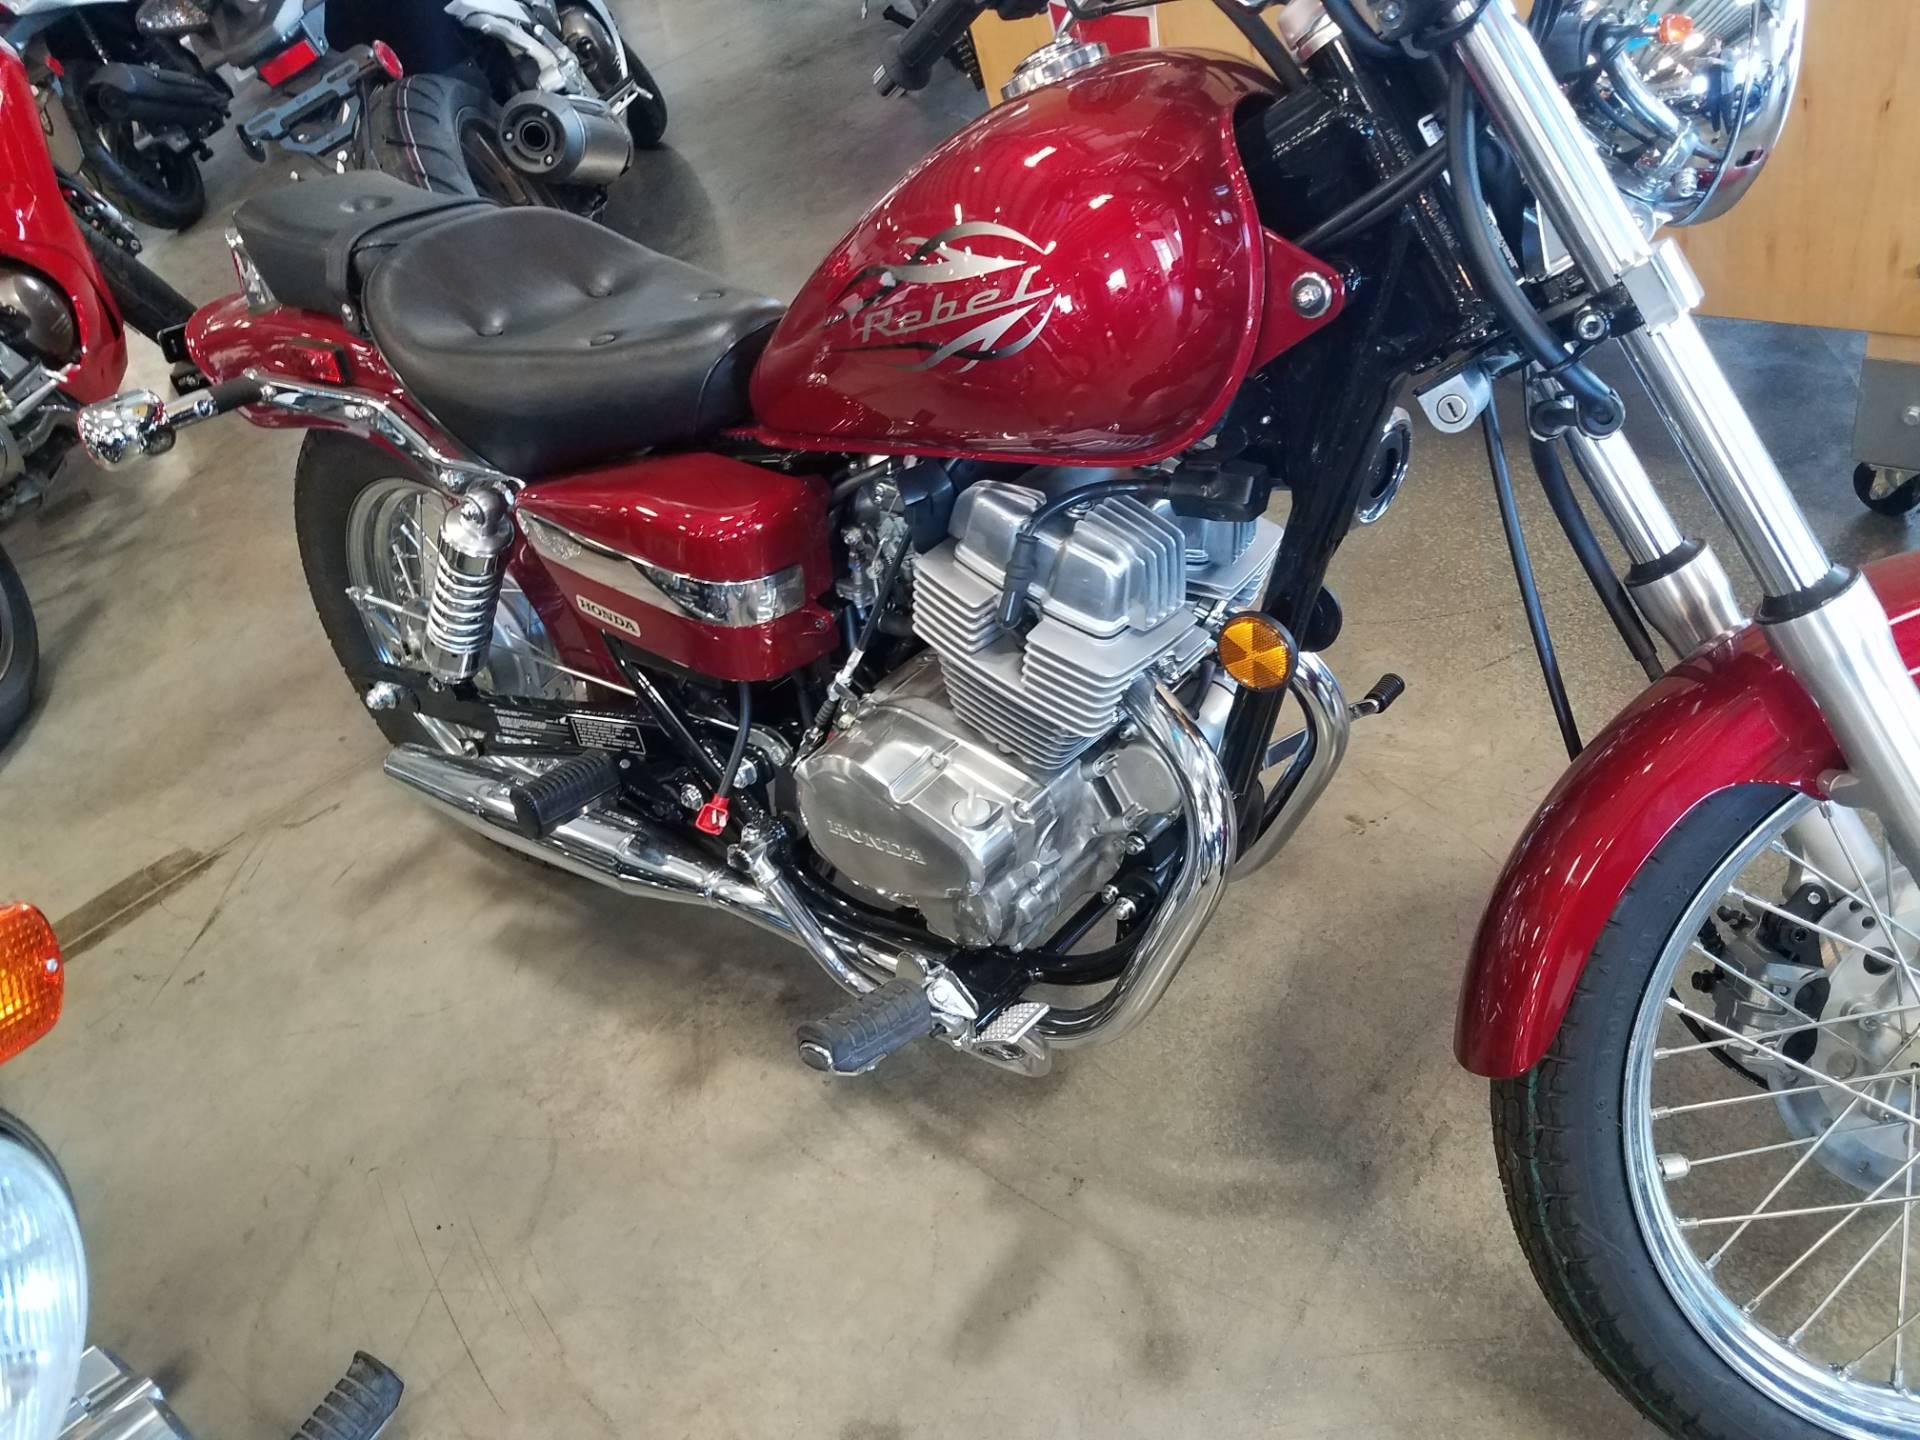 New 2016 Honda Rebel Motorcycles in Davenport IA